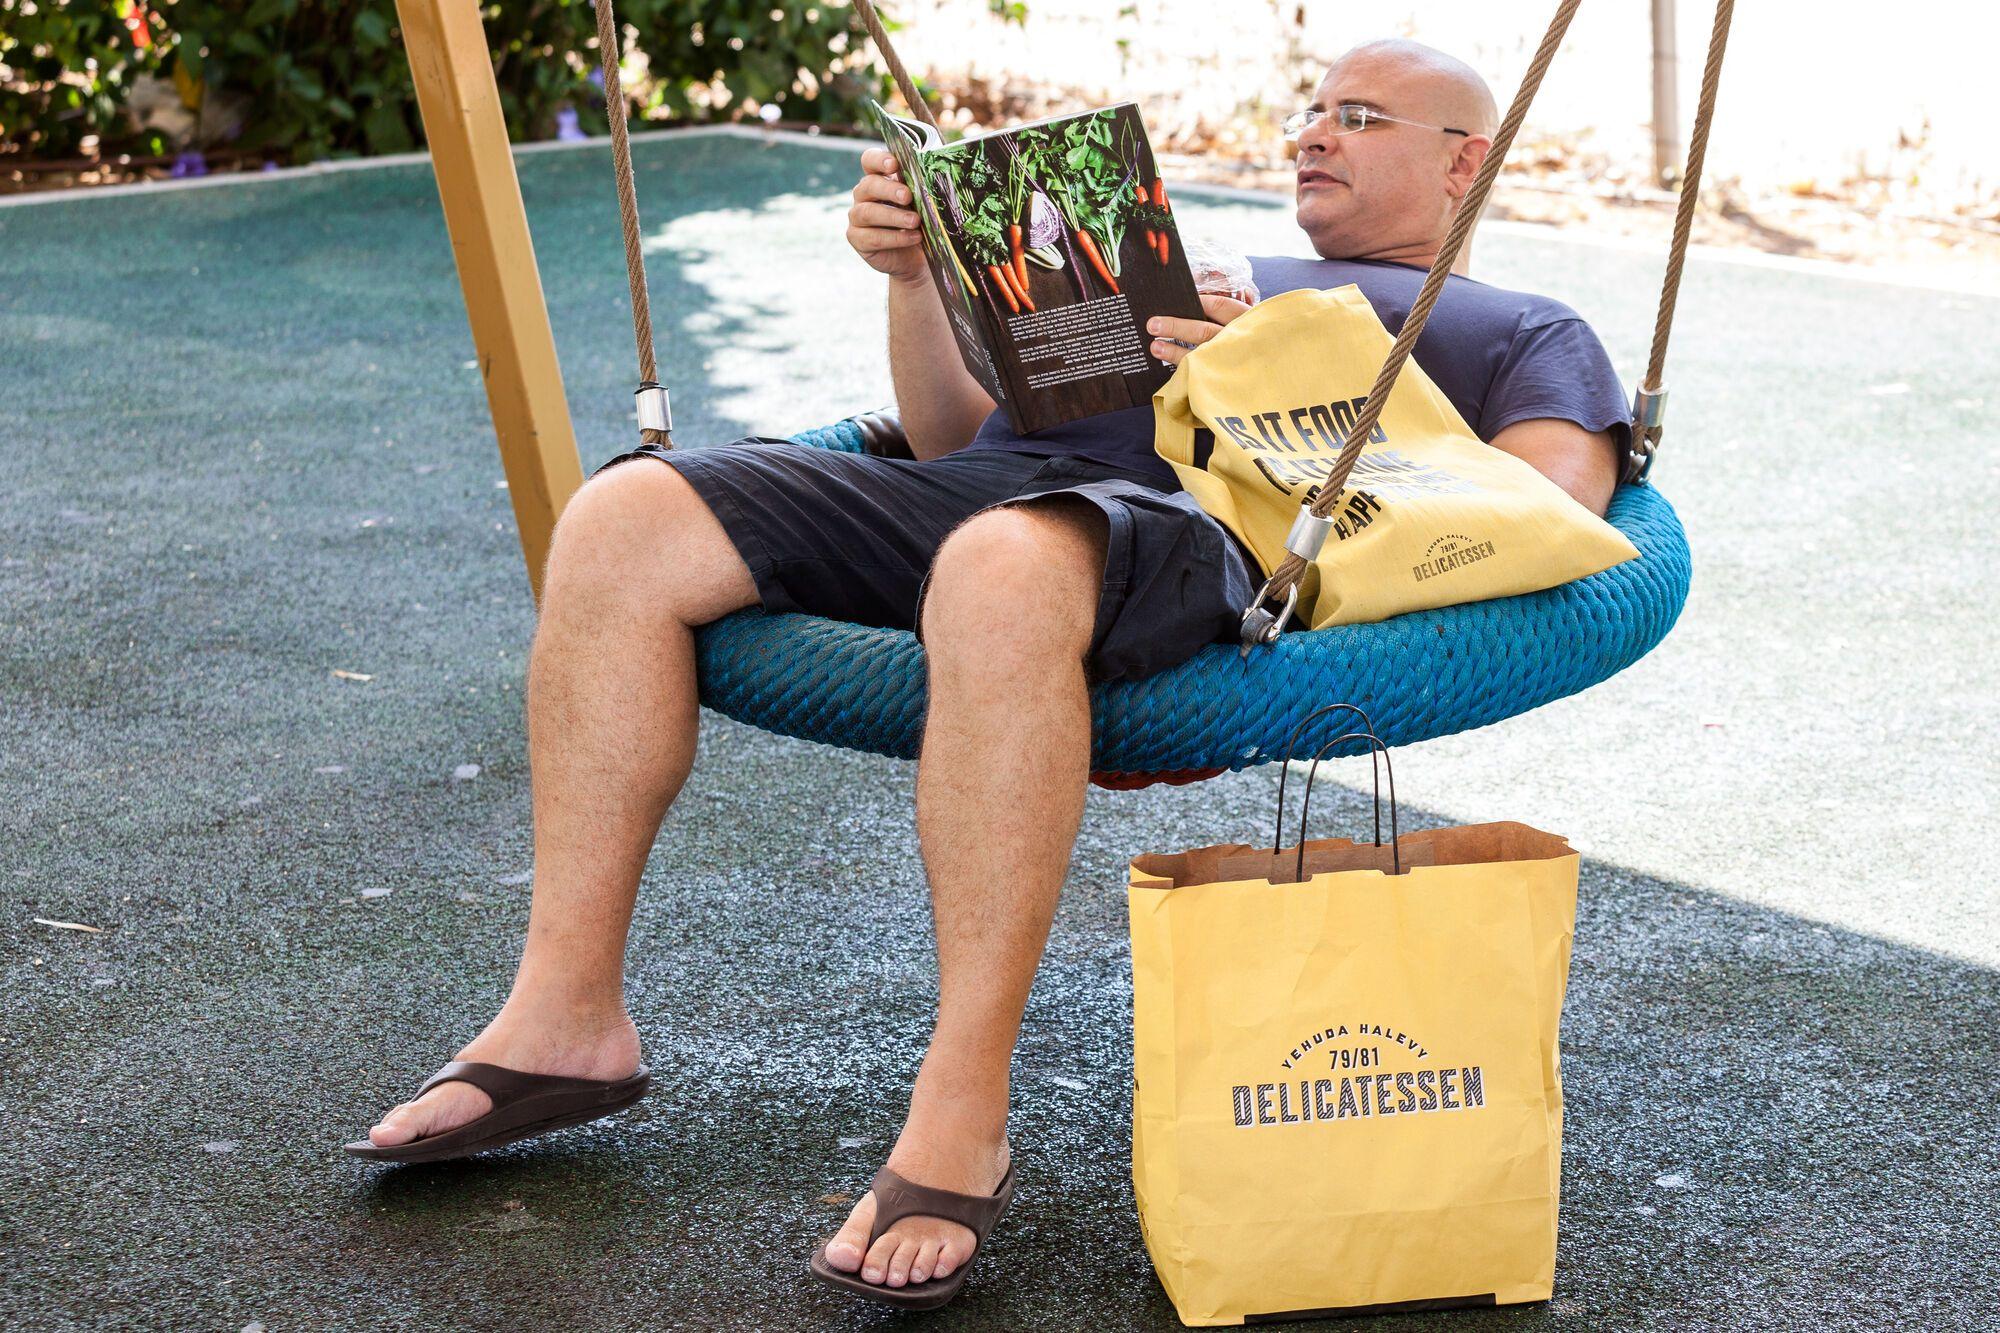 """נטלתי מהמדף ב""""דליקטסן"""" את ספר הבישול - לאכול טוב"""" מאת זהר לוסטיגר בשן. כמי שהיה פעם קרניבור גדול, אני מוצא את עצמי בשנים האחרונות יותר ויותר נמשך לצמחונות"""